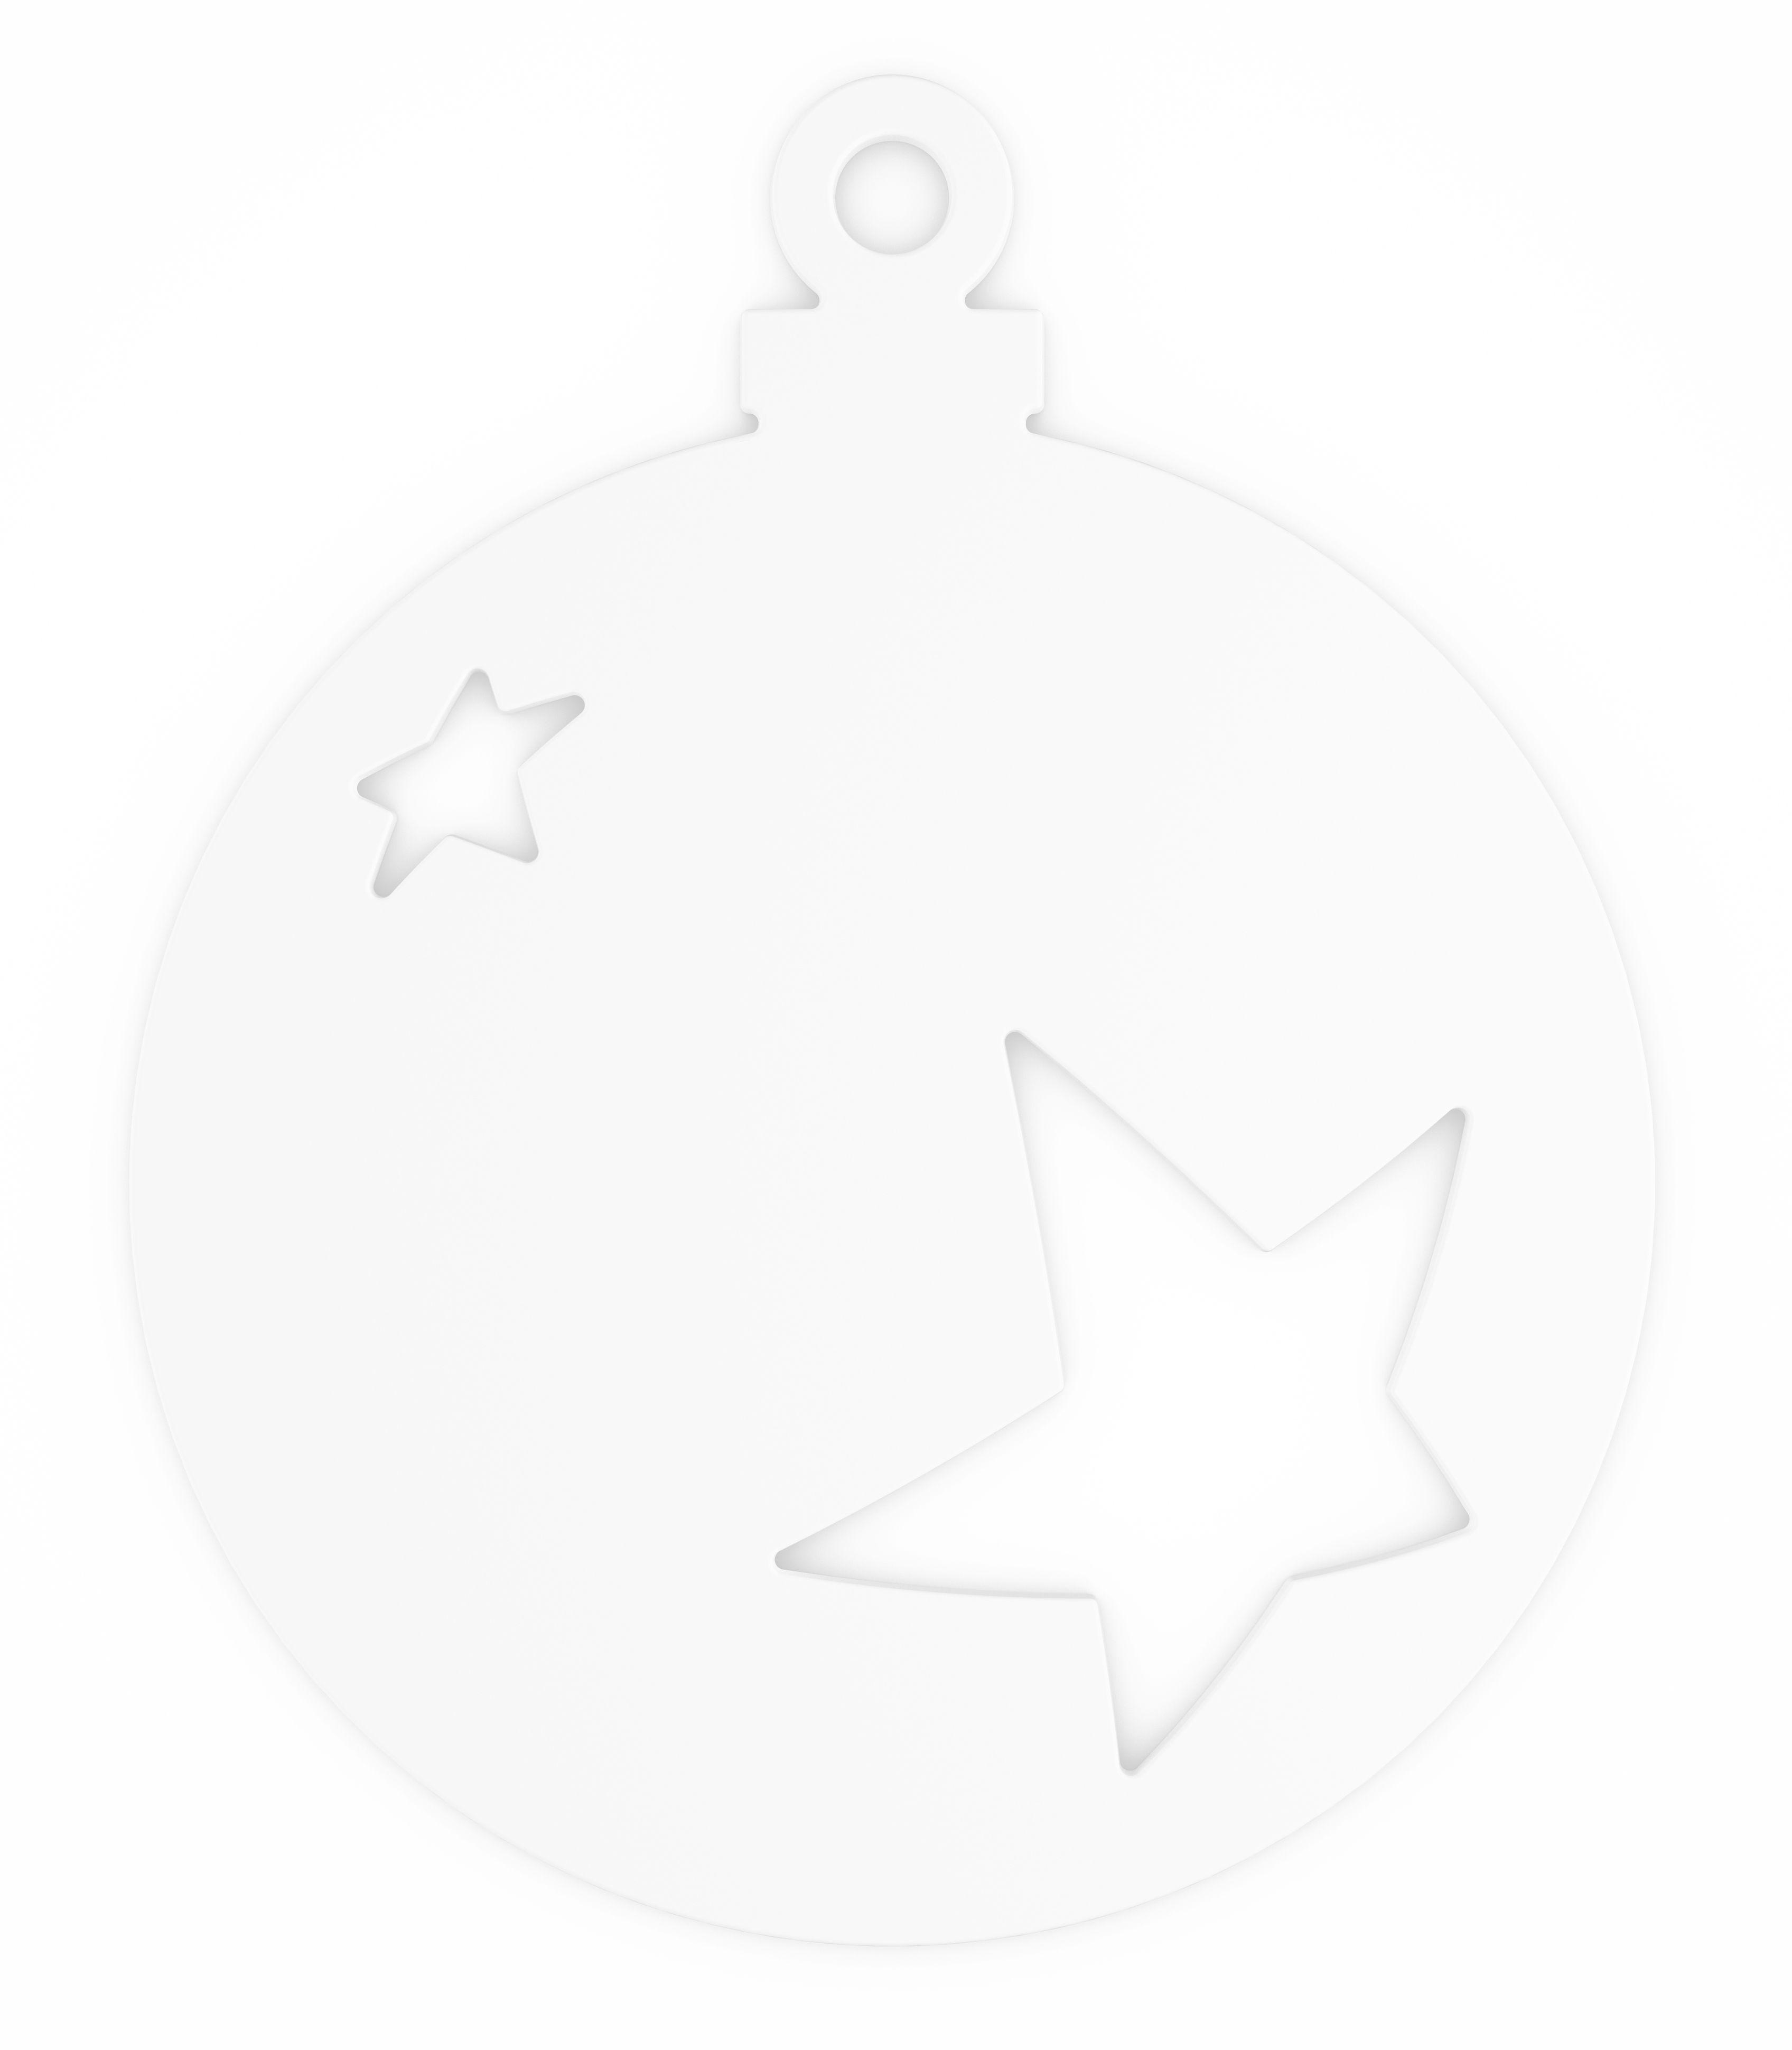 Déco - Objets déco et cadres-photos - Boule de Noël Stars / Lot de 2 - Koziol - Blanc opaque - Plastique